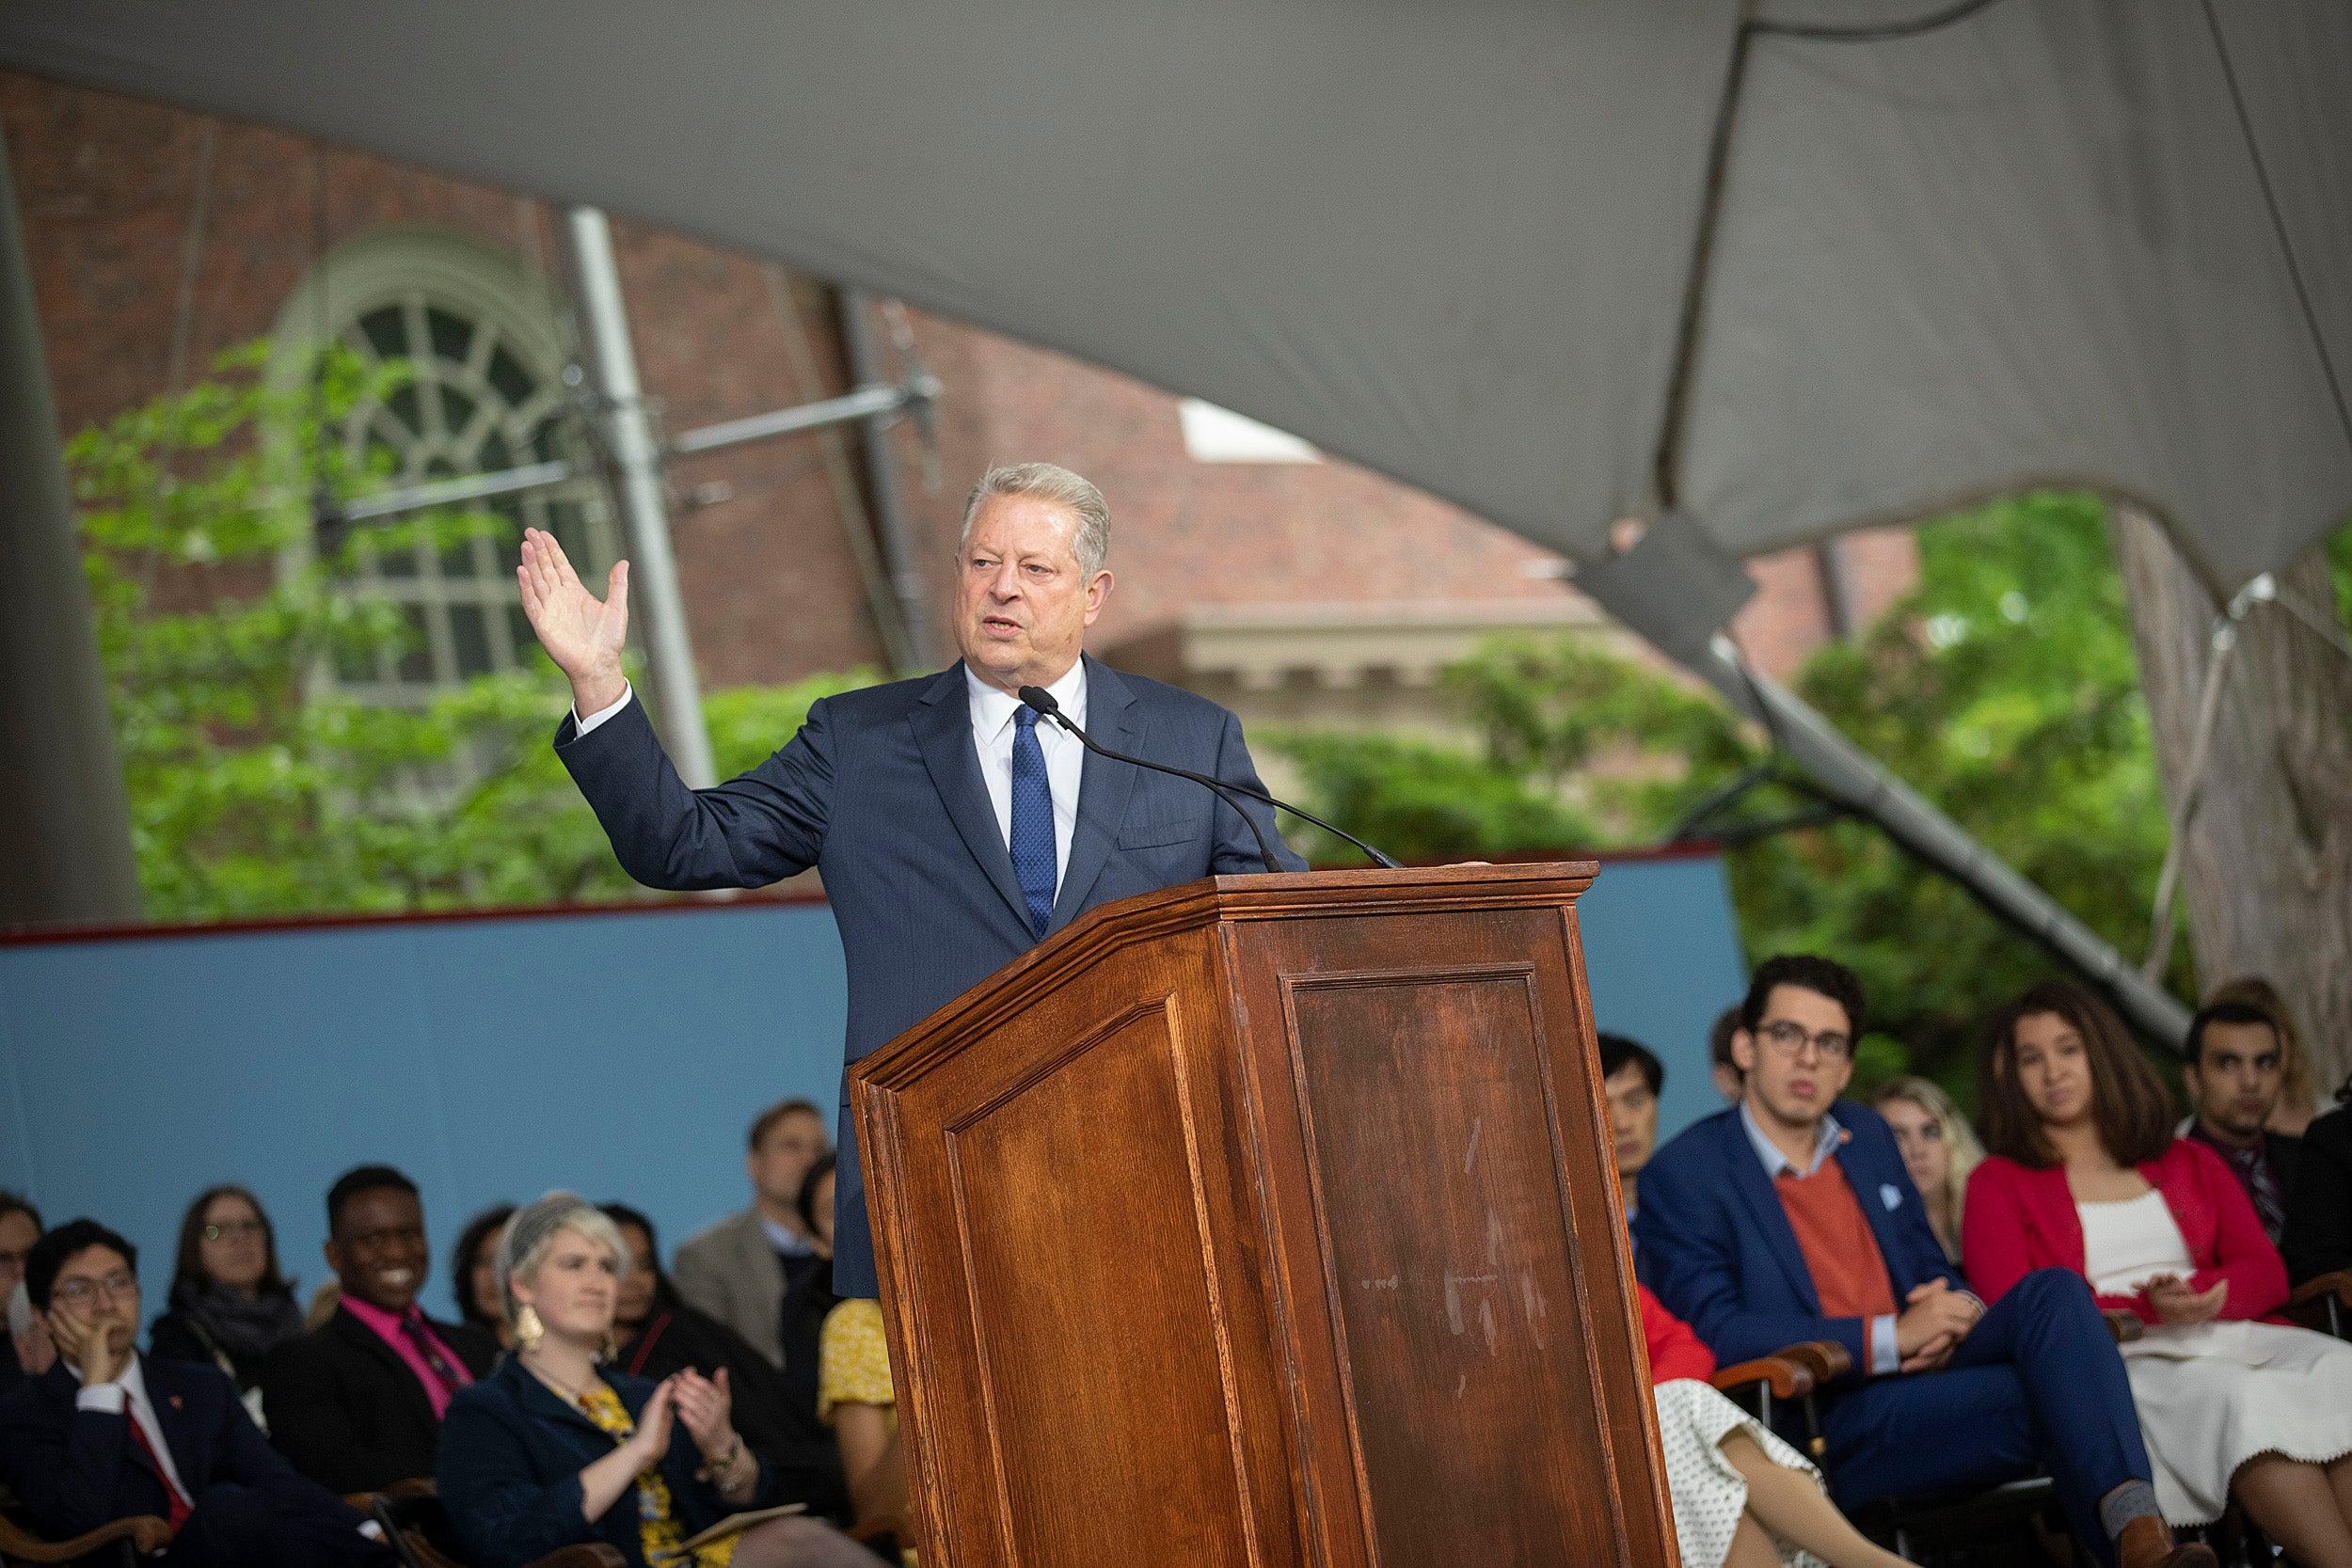 Al Gore speaks onstage